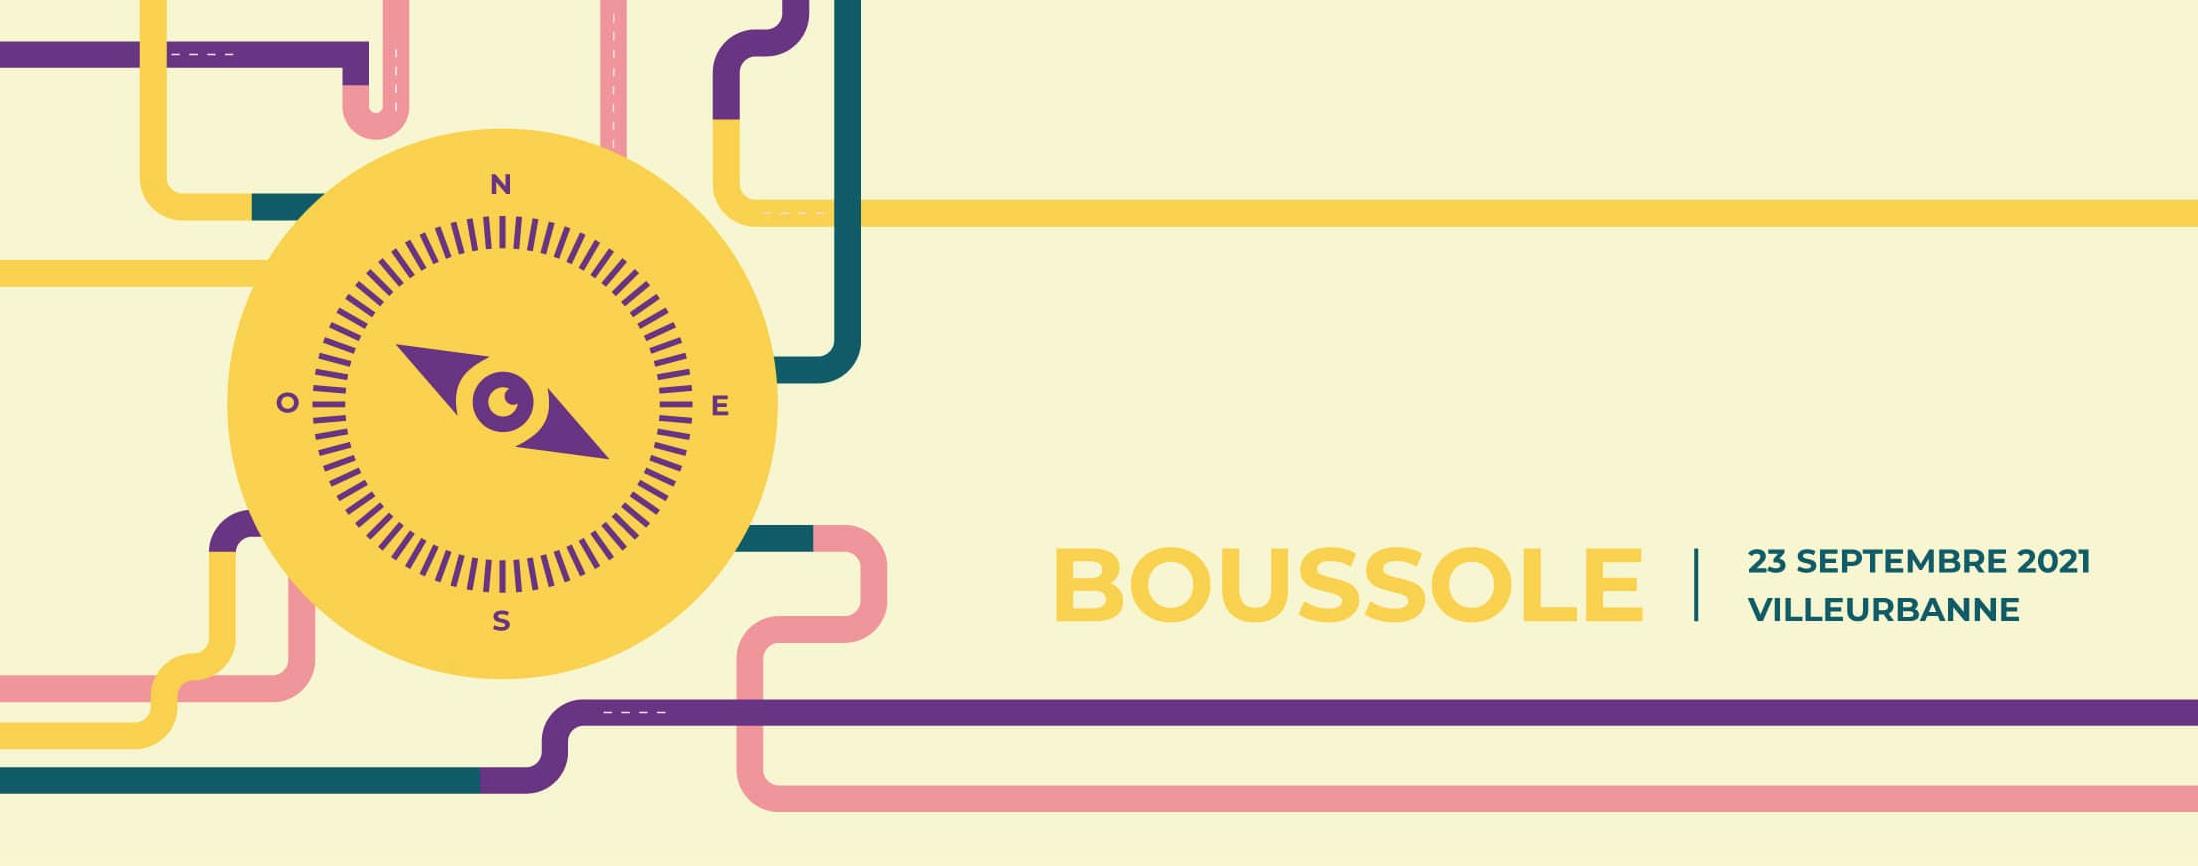 [SUR PLACE] L'Odyssée des Entrepreneurs- Boussole @ DOUBLE MIXTE | Villeurbanne | Auvergne-Rhône-Alpes | France